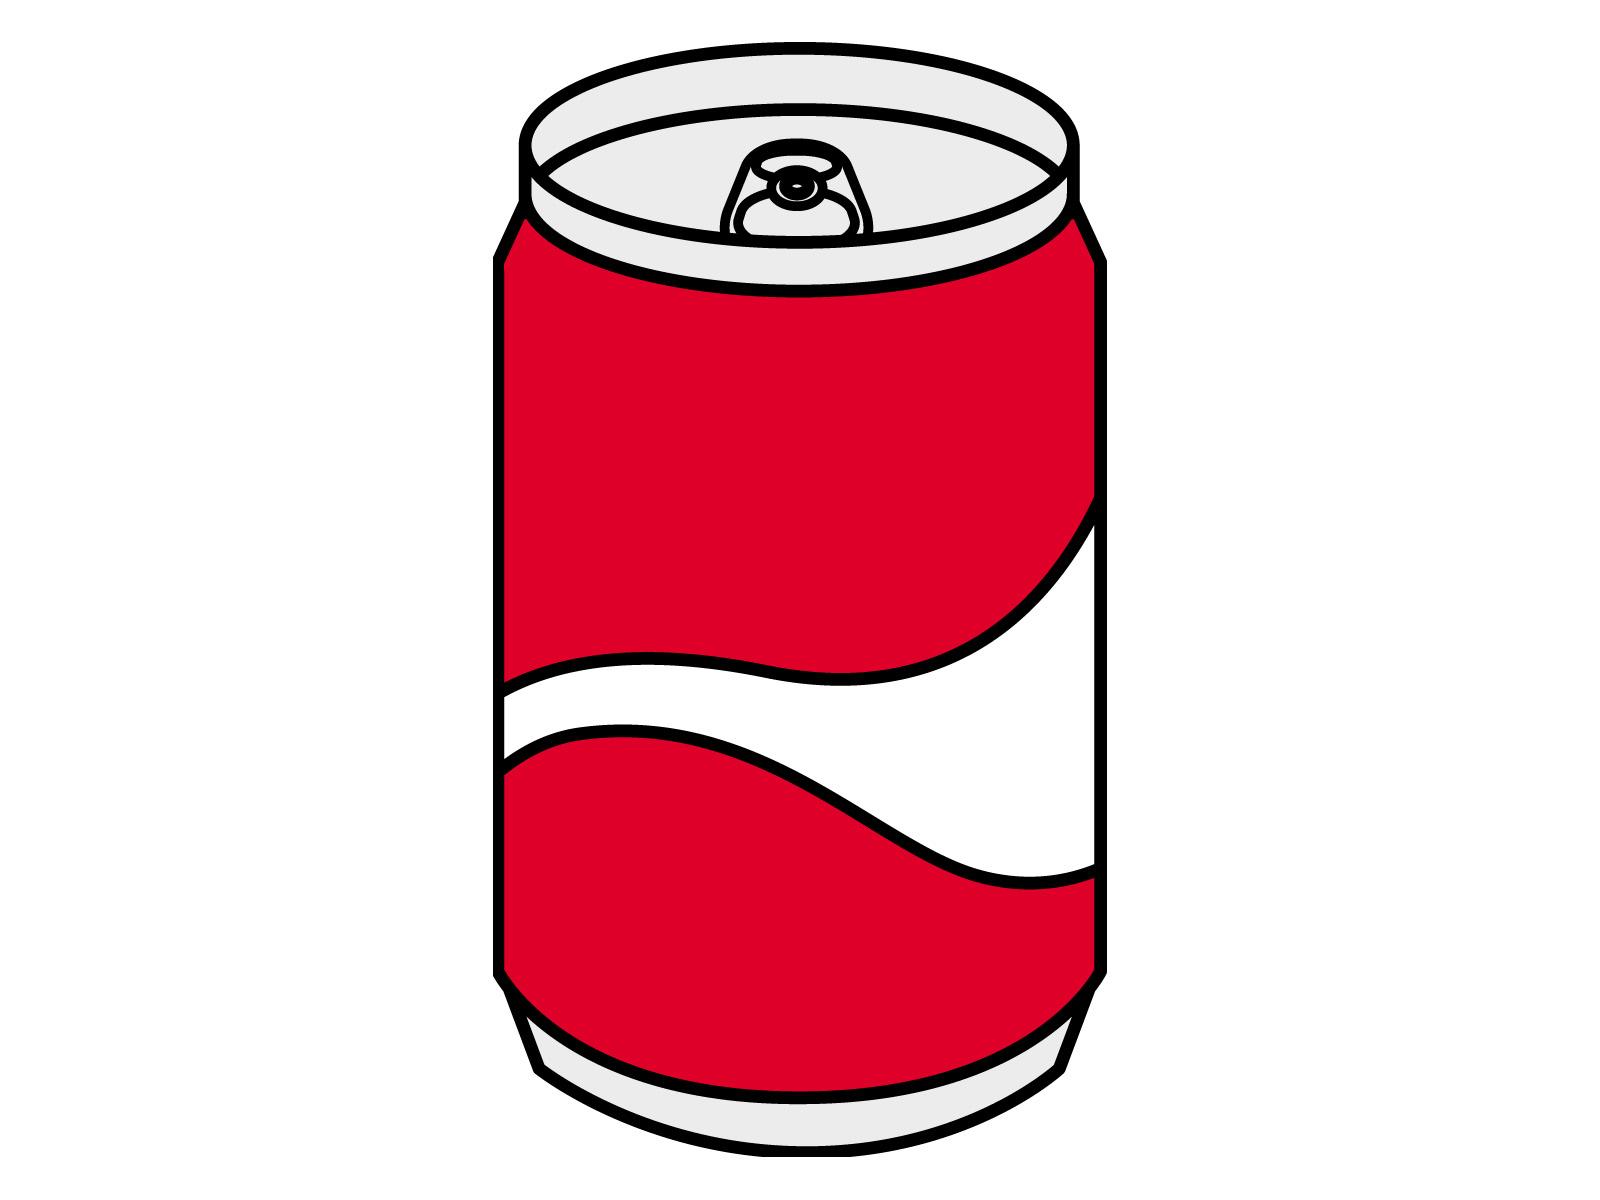 糖尿病のために糖分のある飲み物を止めた結果、4kg痩せ、HbA1cも安定